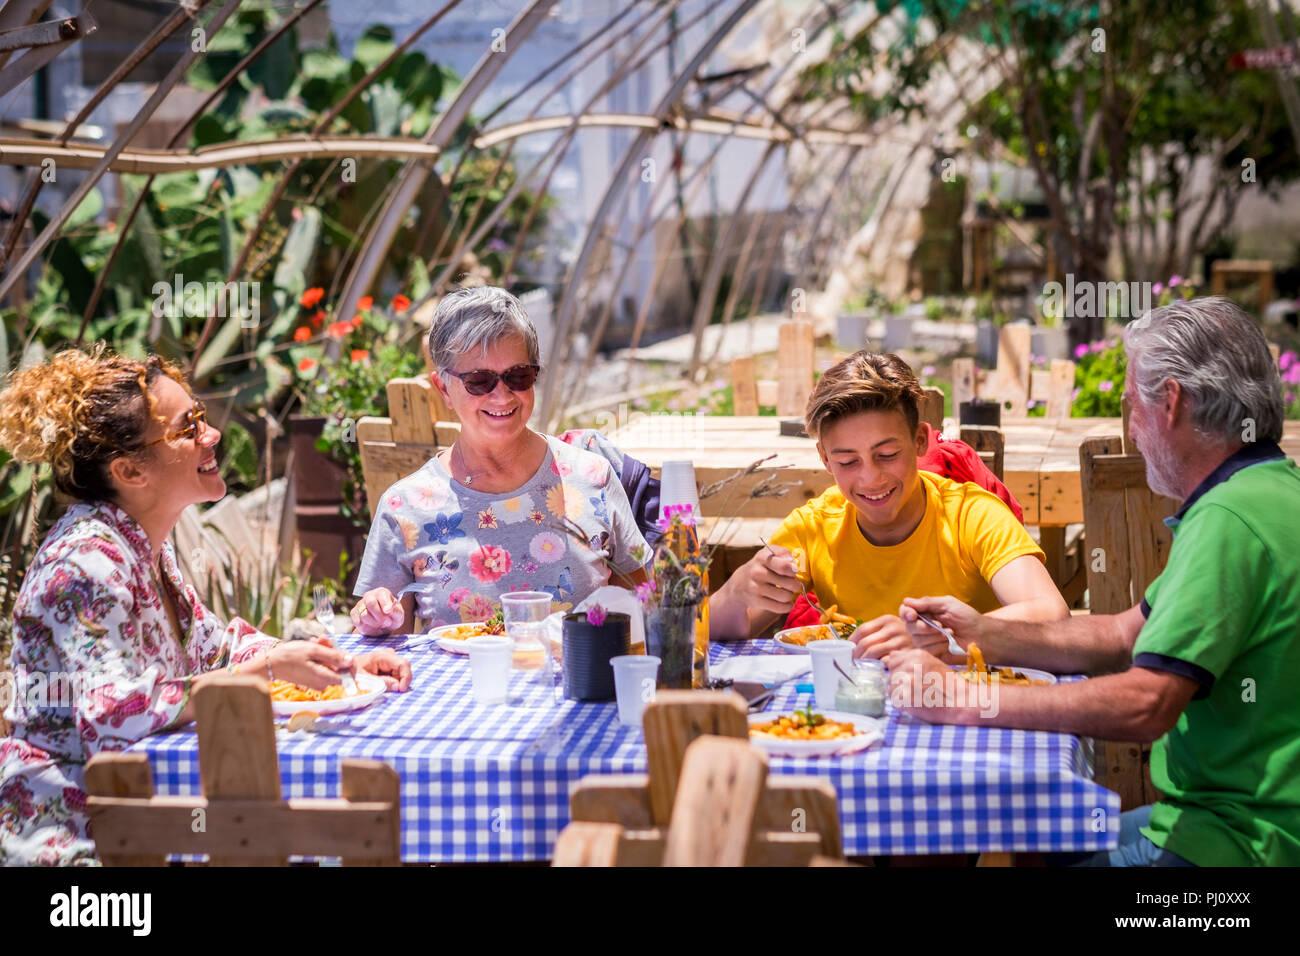 Allegro e felice famiglia in alternativa di un ristorante esterno tutti naturali e riciclata con pallet in legno. Bella la popolazione caucasica in attività per il tempo libero Immagini Stock